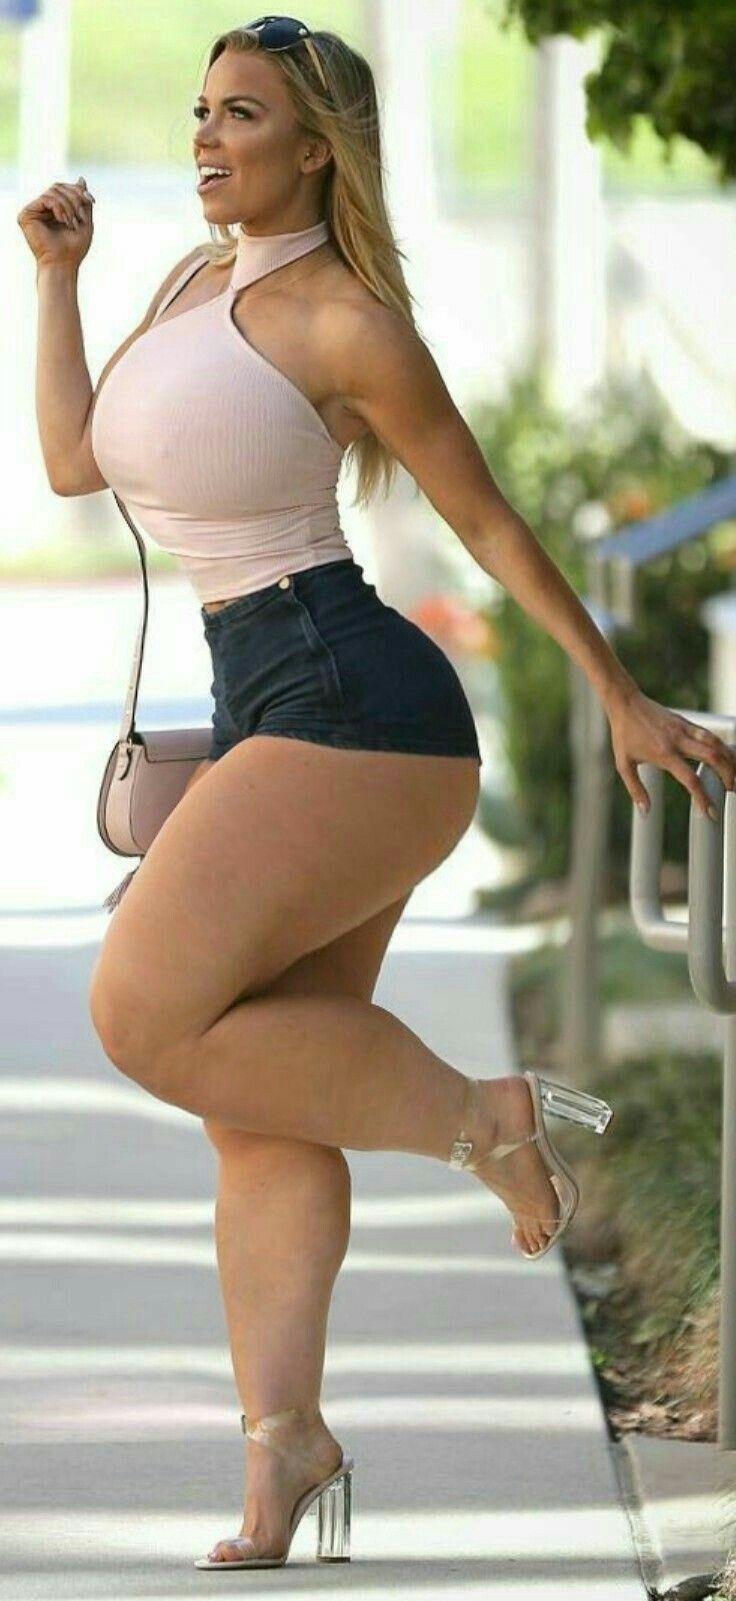 real wifes panties nude